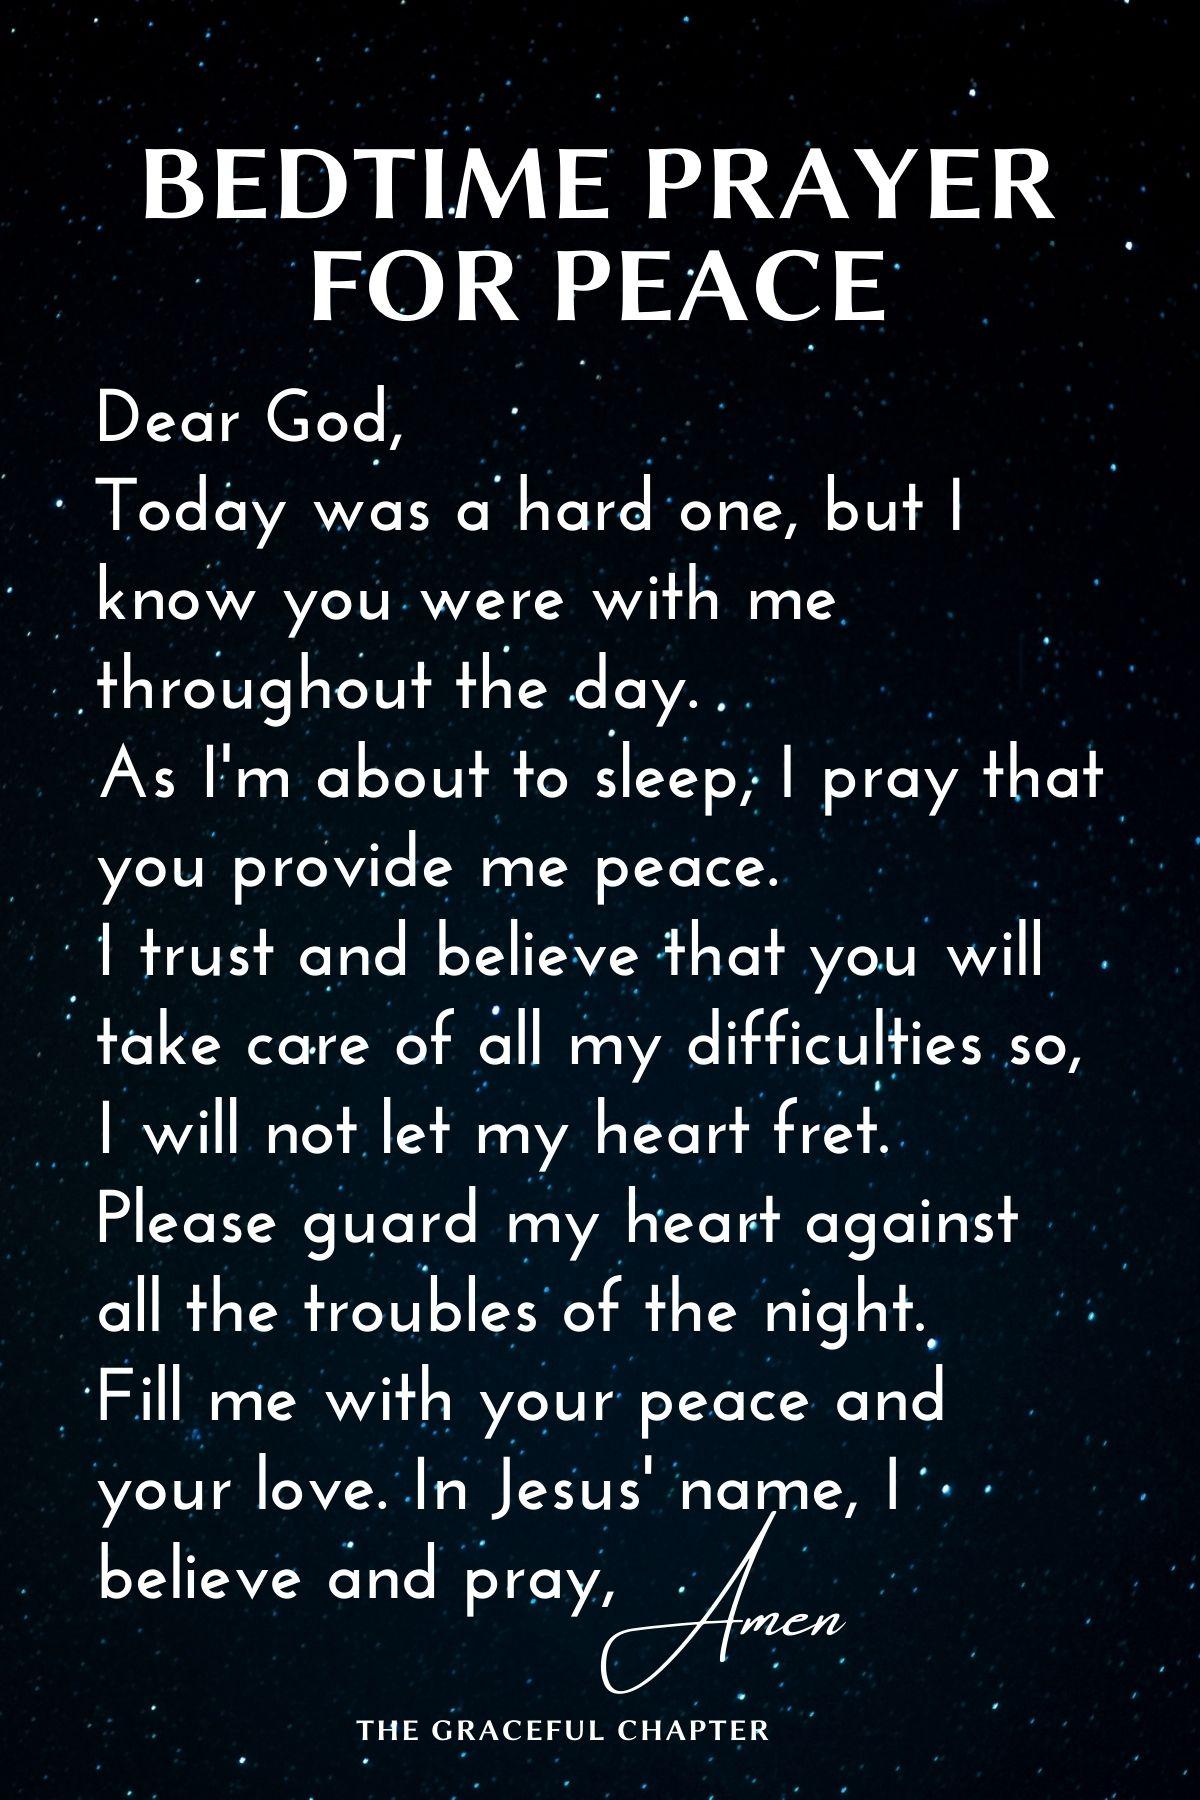 Bedtime prayer for peace